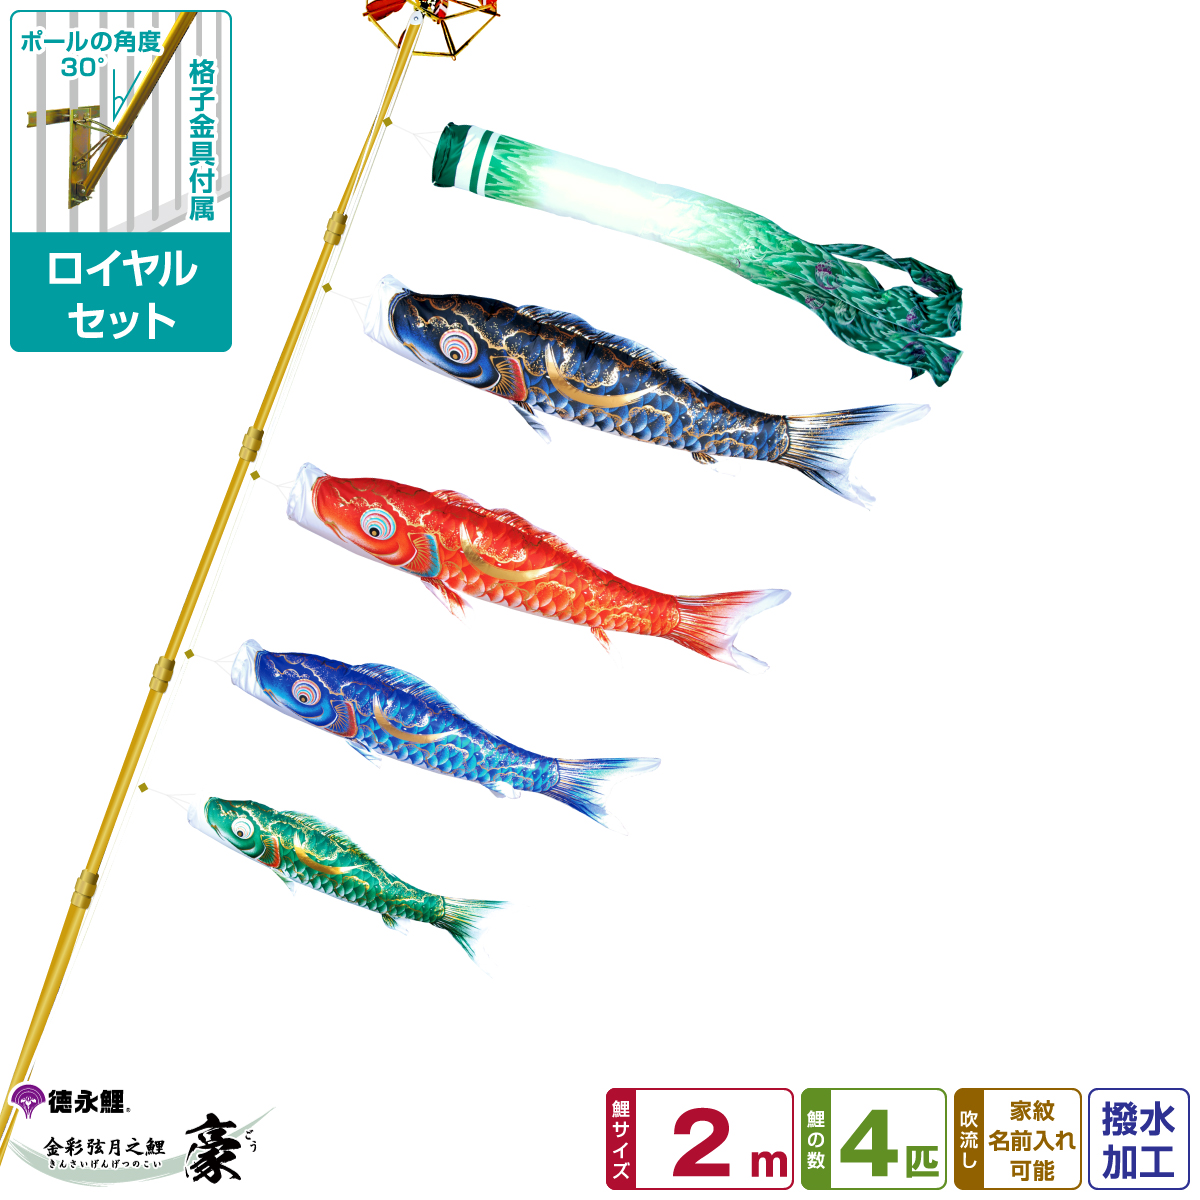 徳永鯉のぼり 豪鯉 2m 7点セット ベランダ用ロイヤルセット 2019年初節句 端午の節句 こどもの日 こいのぼり